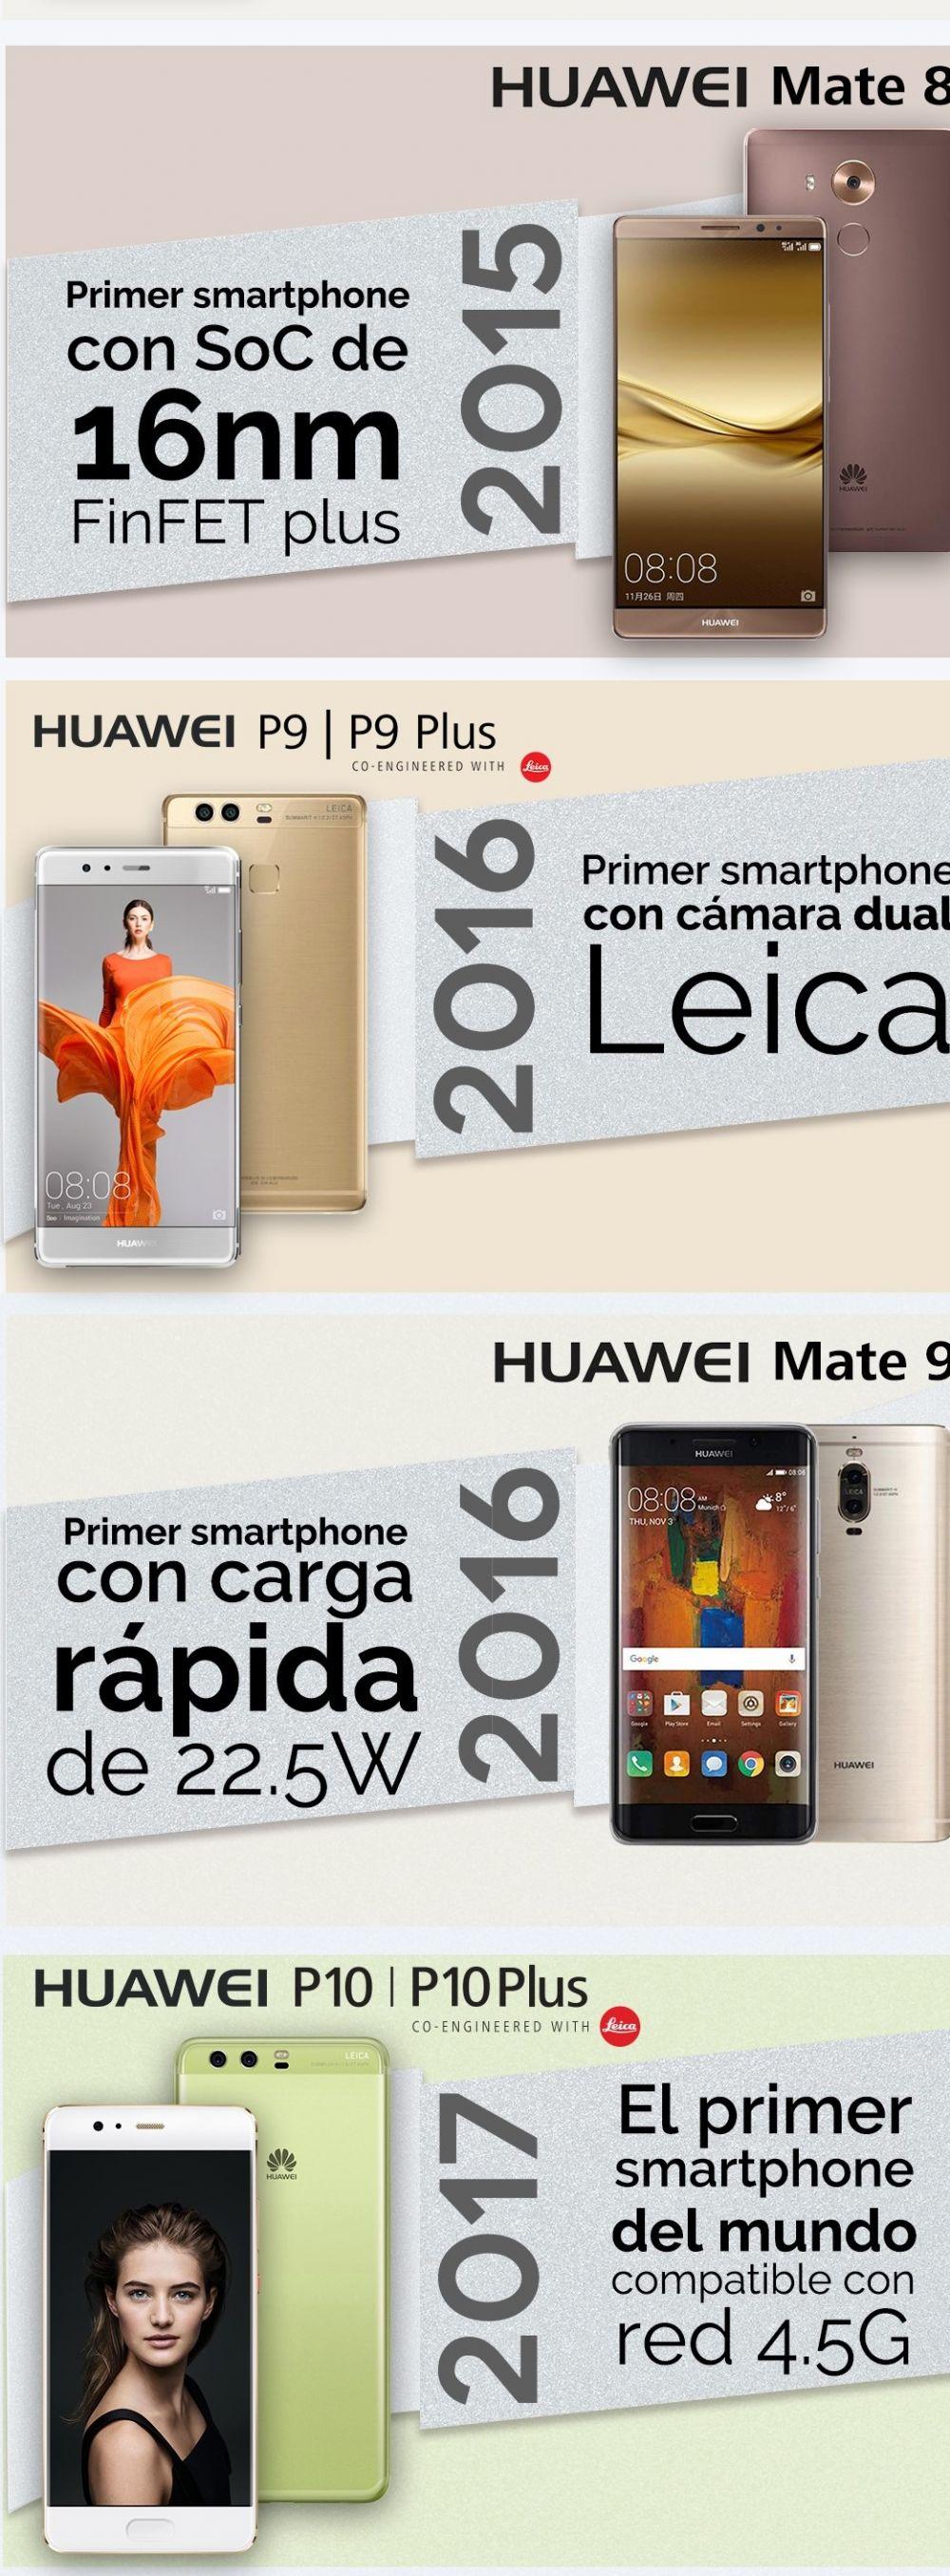 ¿Cómo los smartphones de Huawei se colocaron en la vanguardia de la innovación?